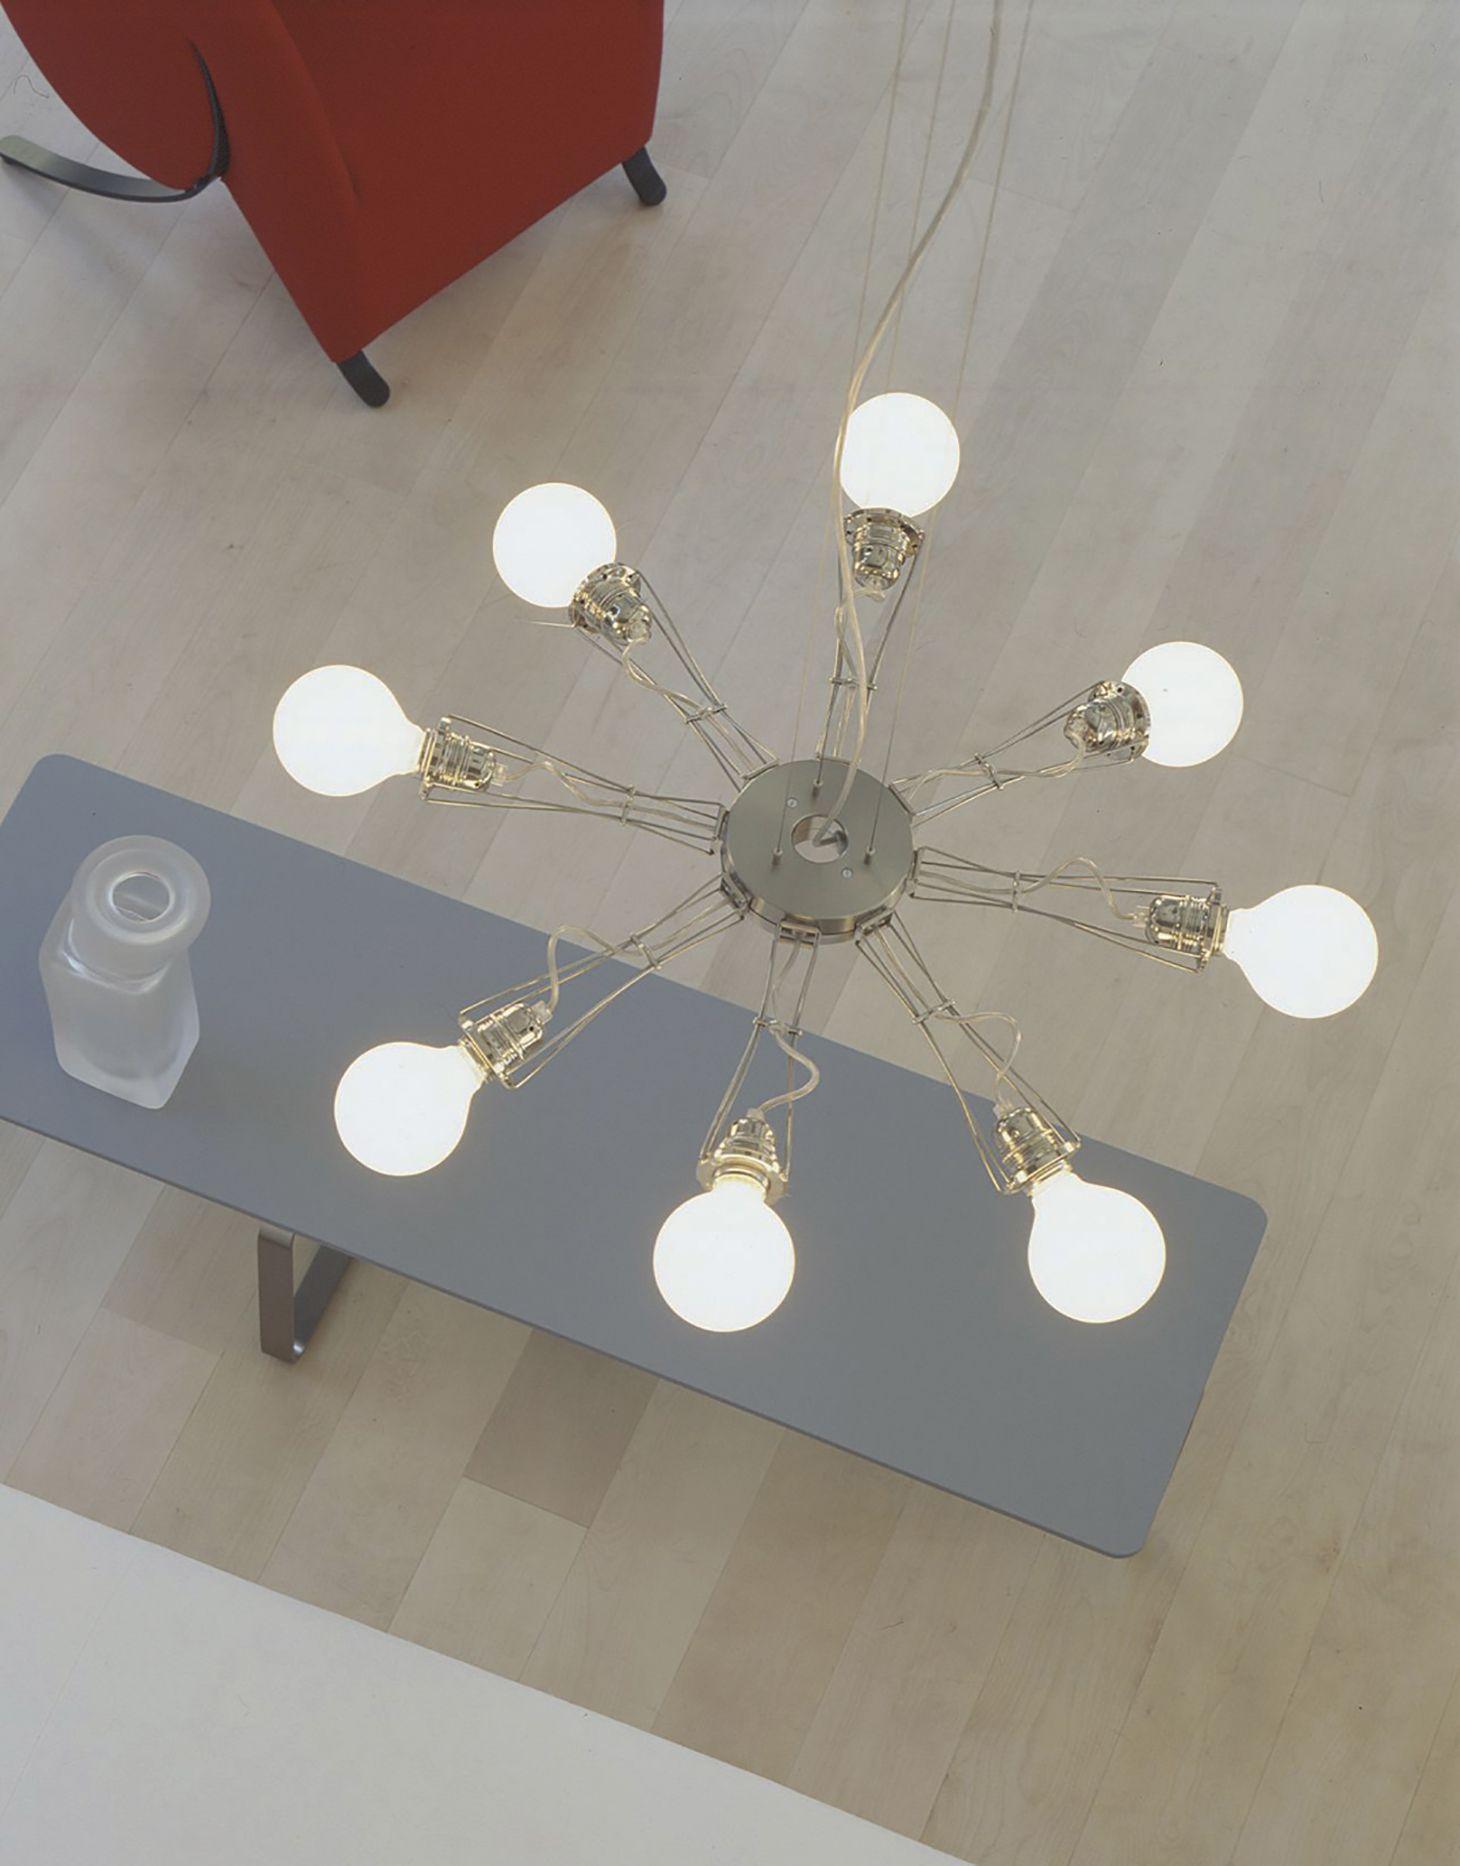 Luminabella とは イタリア語で 光 を意味する Lumina と 美しい